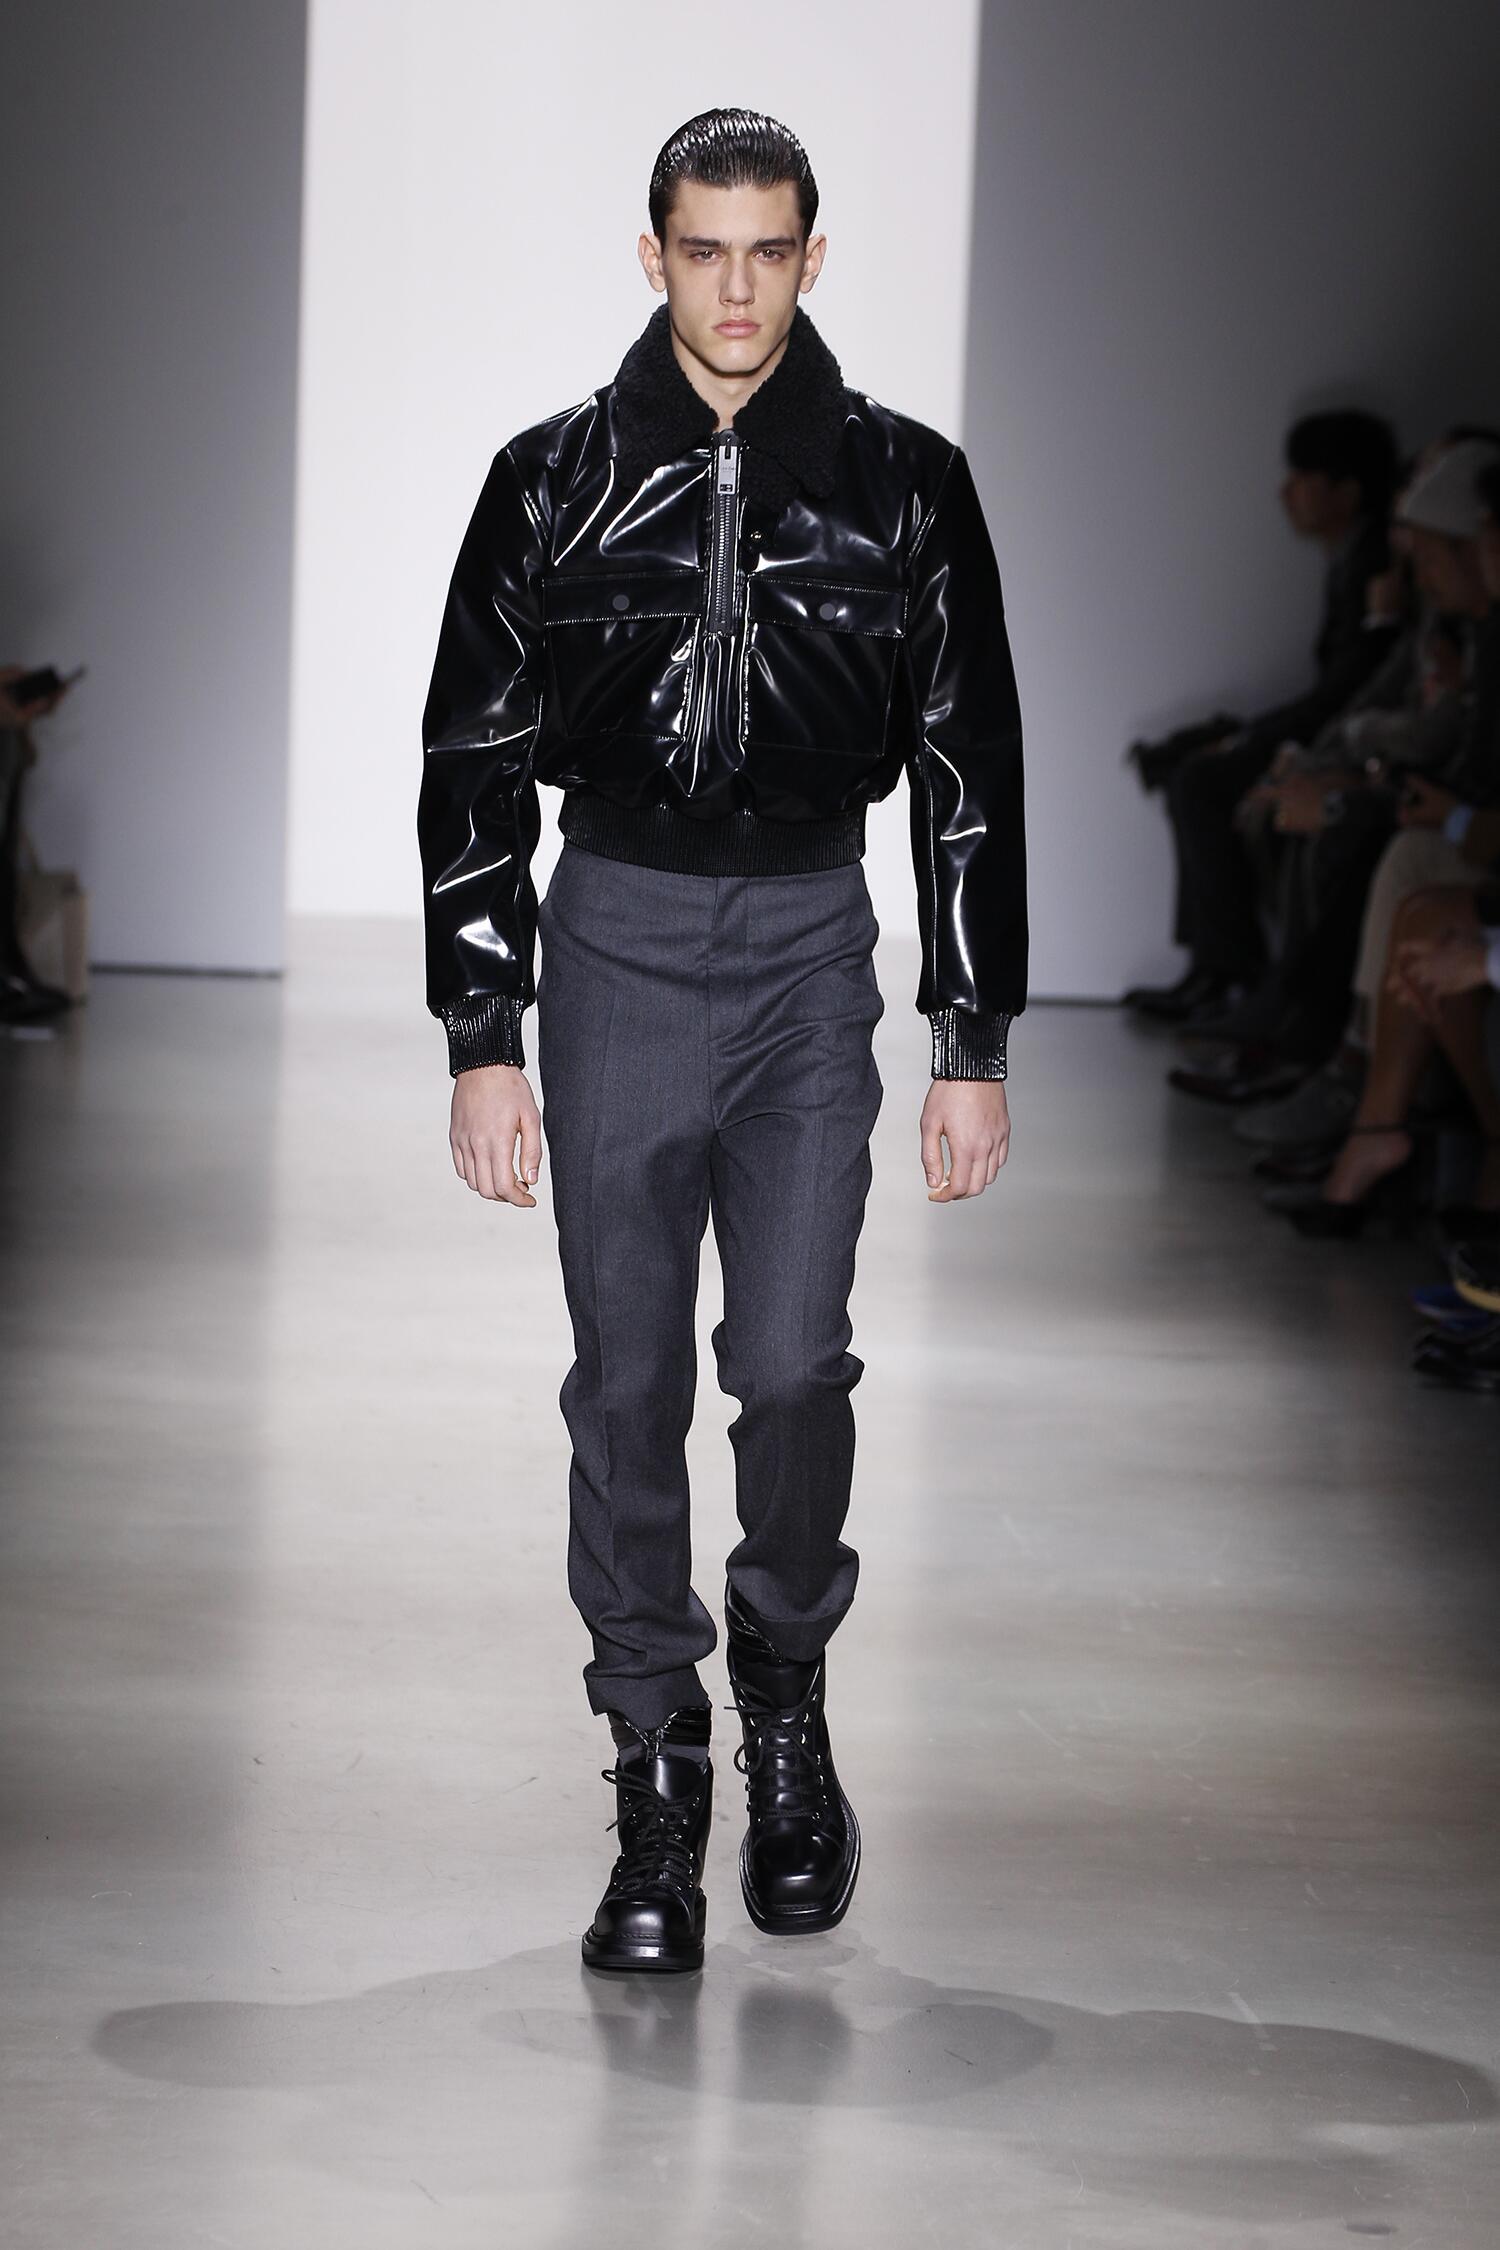 Catwalk Calvin Klein Collection Winter 2015